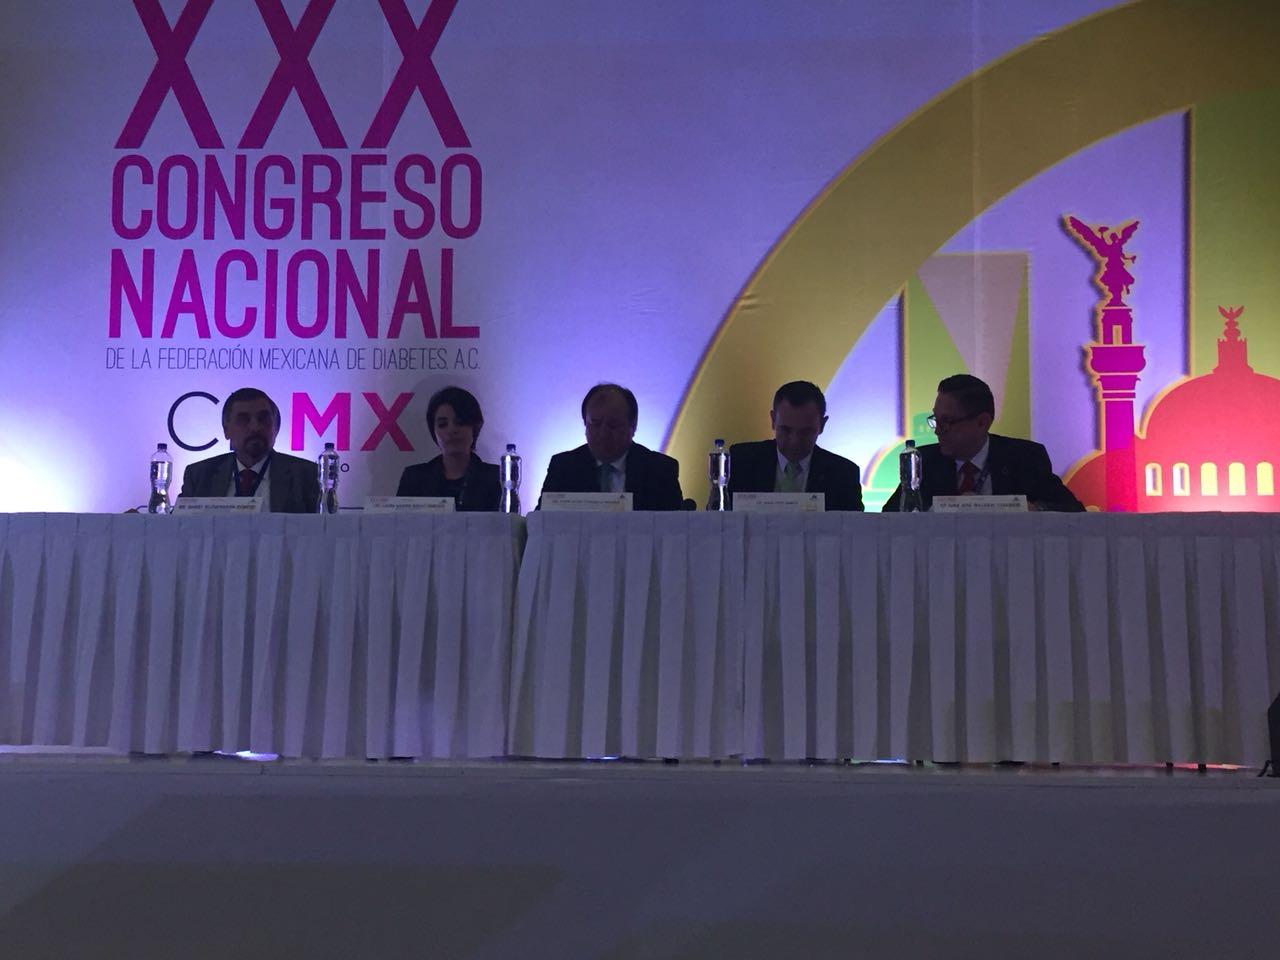 CDMX es sede del XXX Congreso Nacional de la Federación Mexicana de Diabetes, A.C.